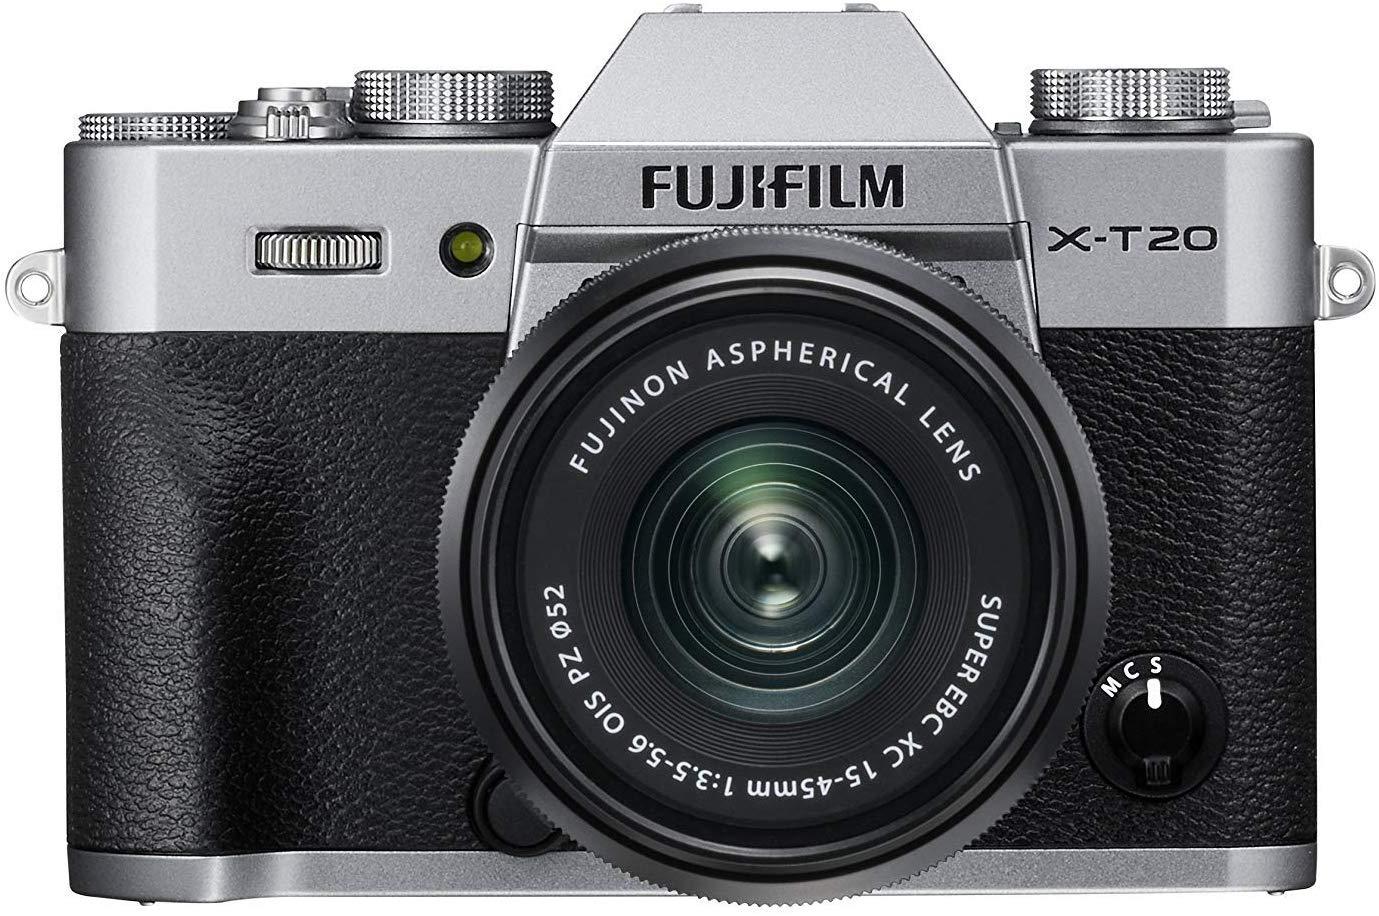 Fujifilm x-t20 behuizing met lens voor 499